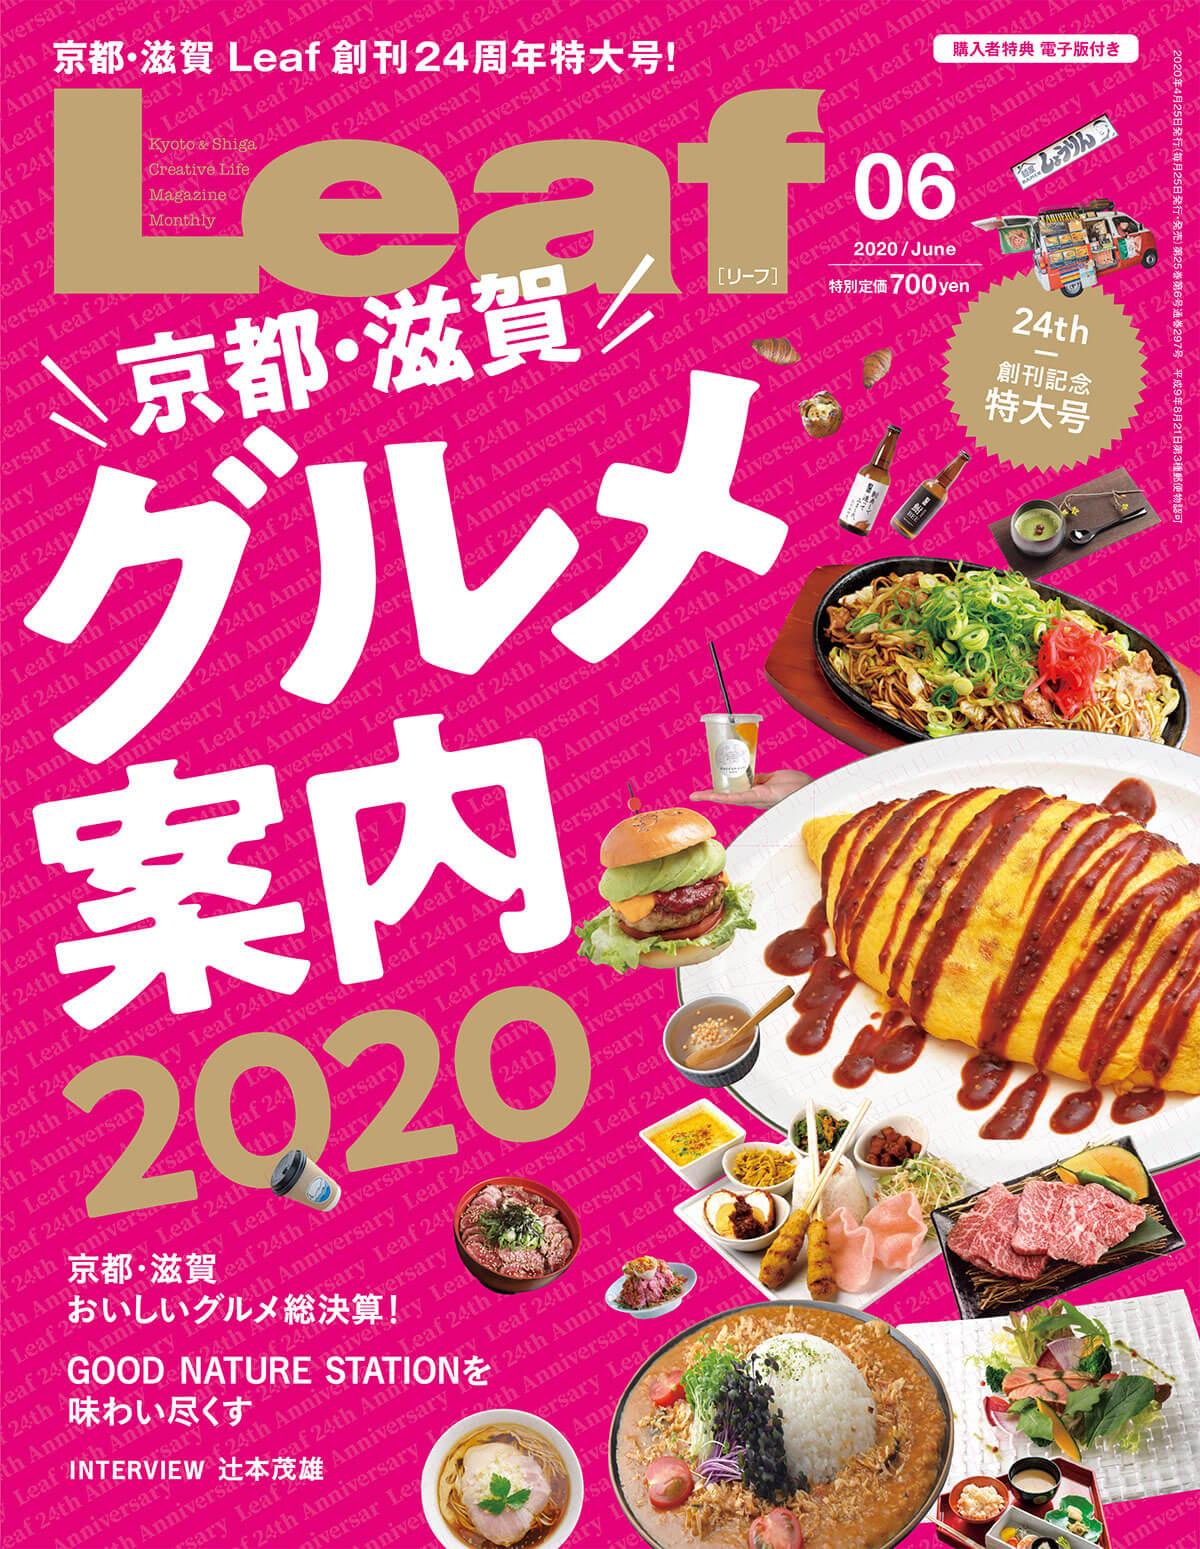 Leaf - 京都・滋賀 グルメ案内2020